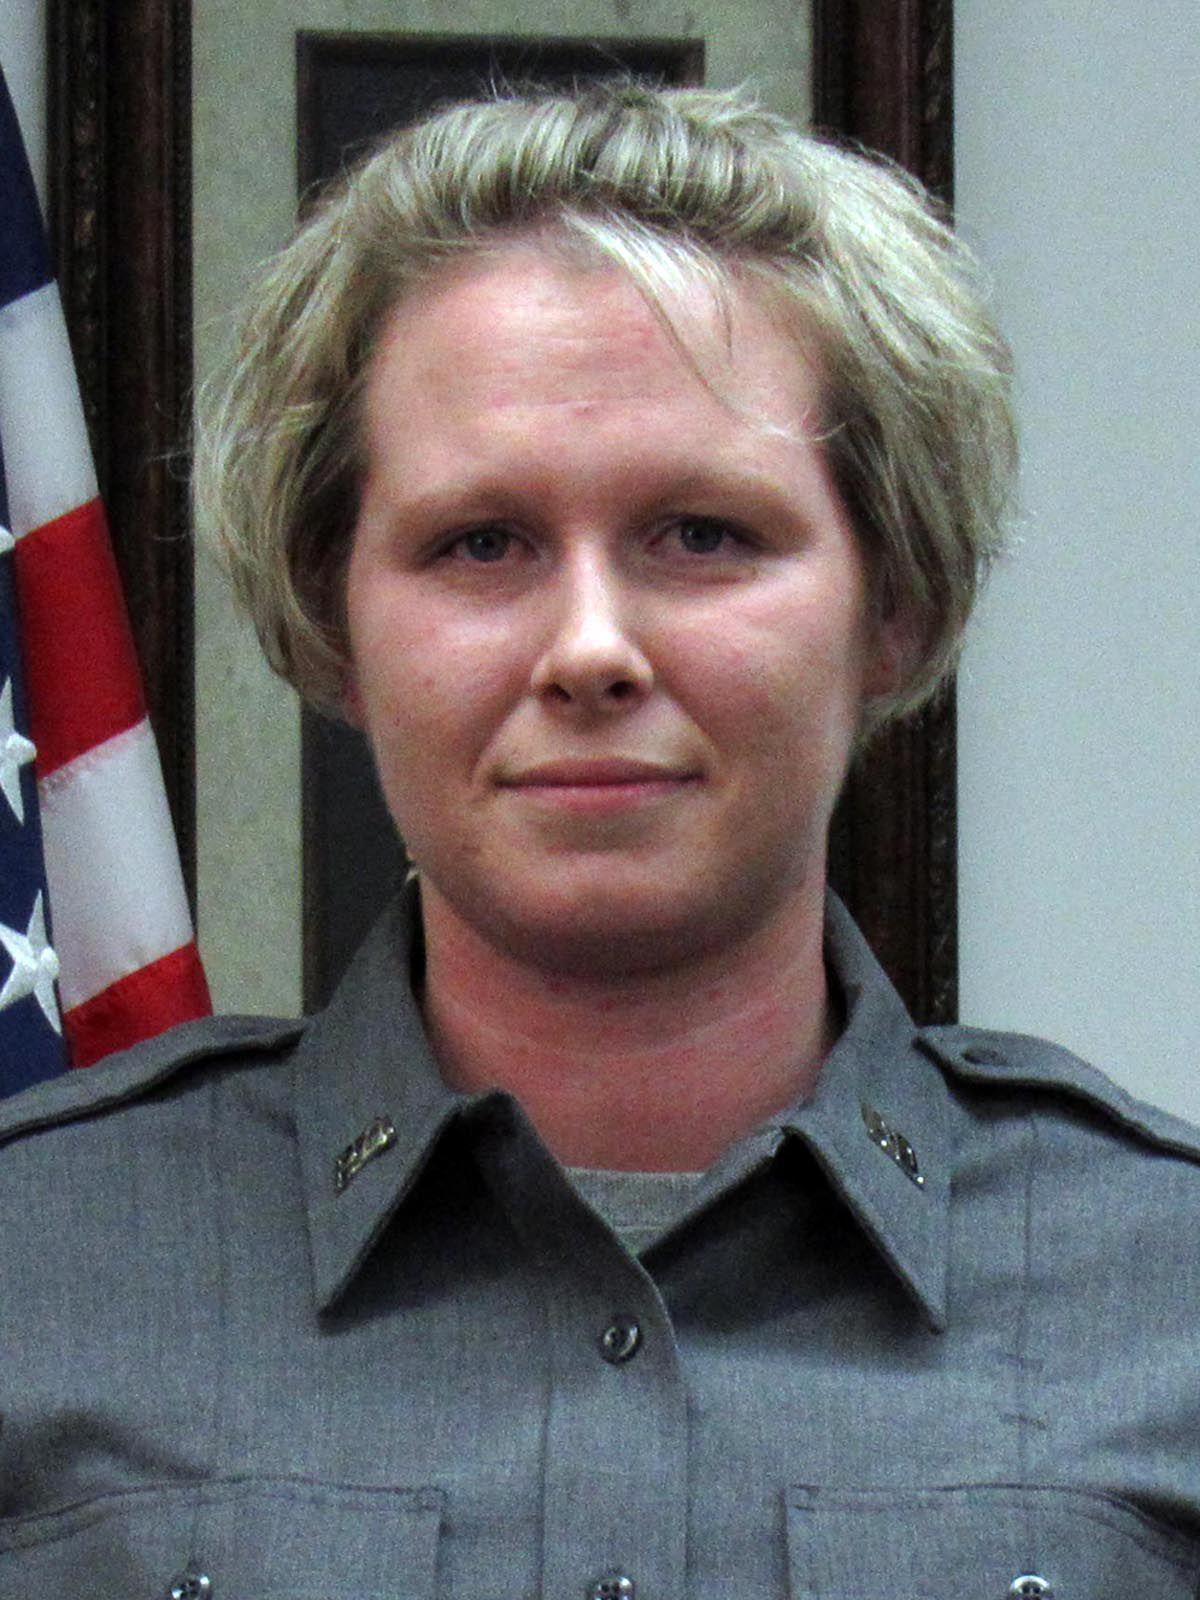 Officer to take on enforcing Old Fort ordinances